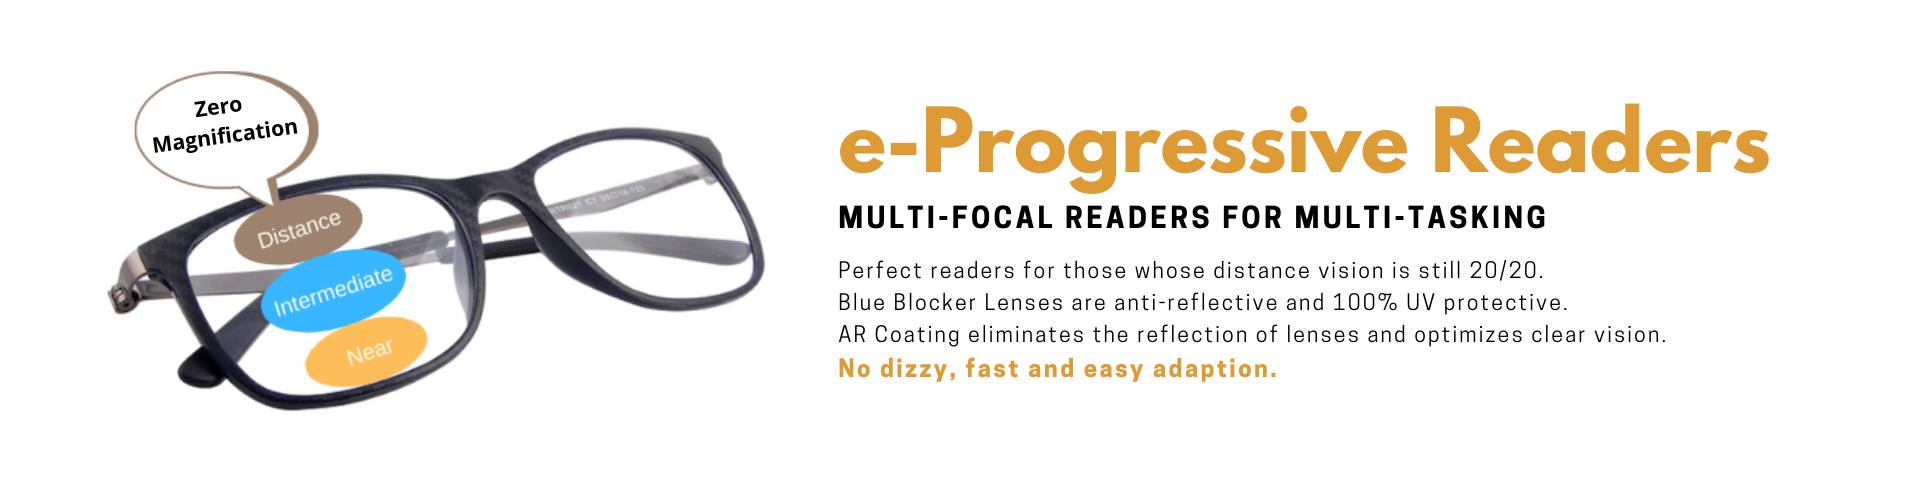 e-Progressive Readers